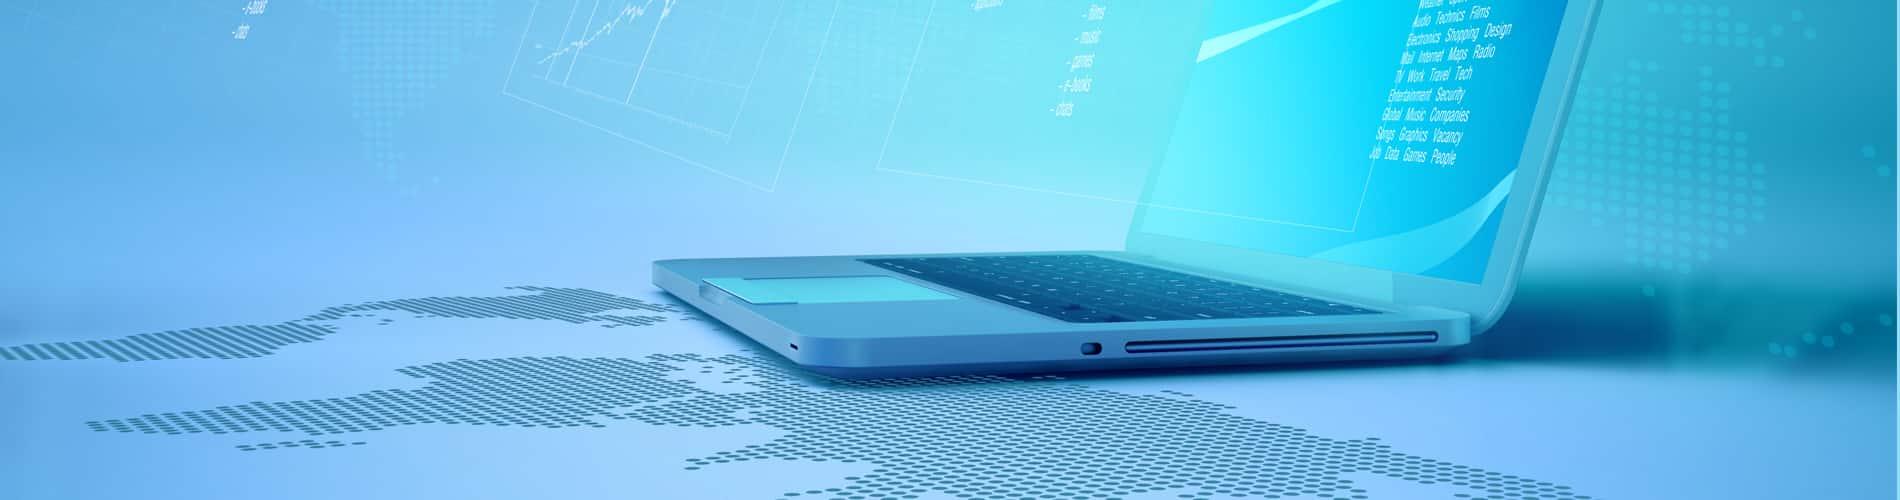 The Vortex - Trasformazione digitale